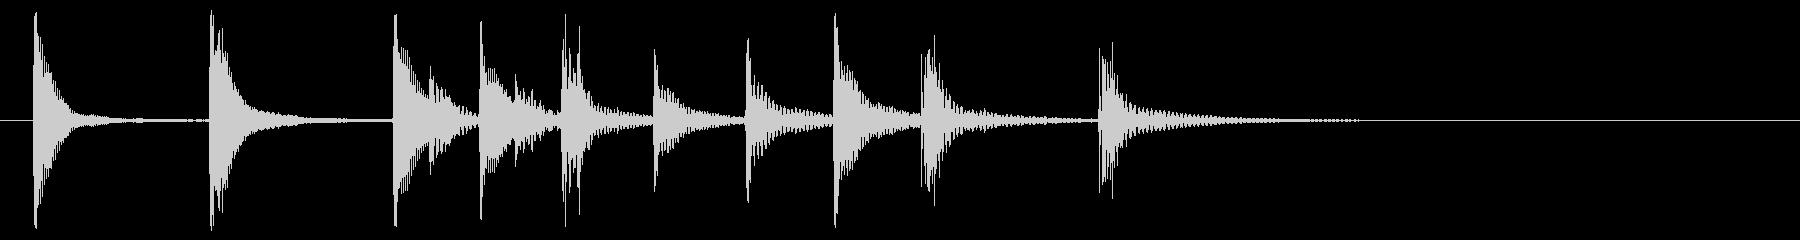 可愛らしい木琴ジングル_No538の未再生の波形